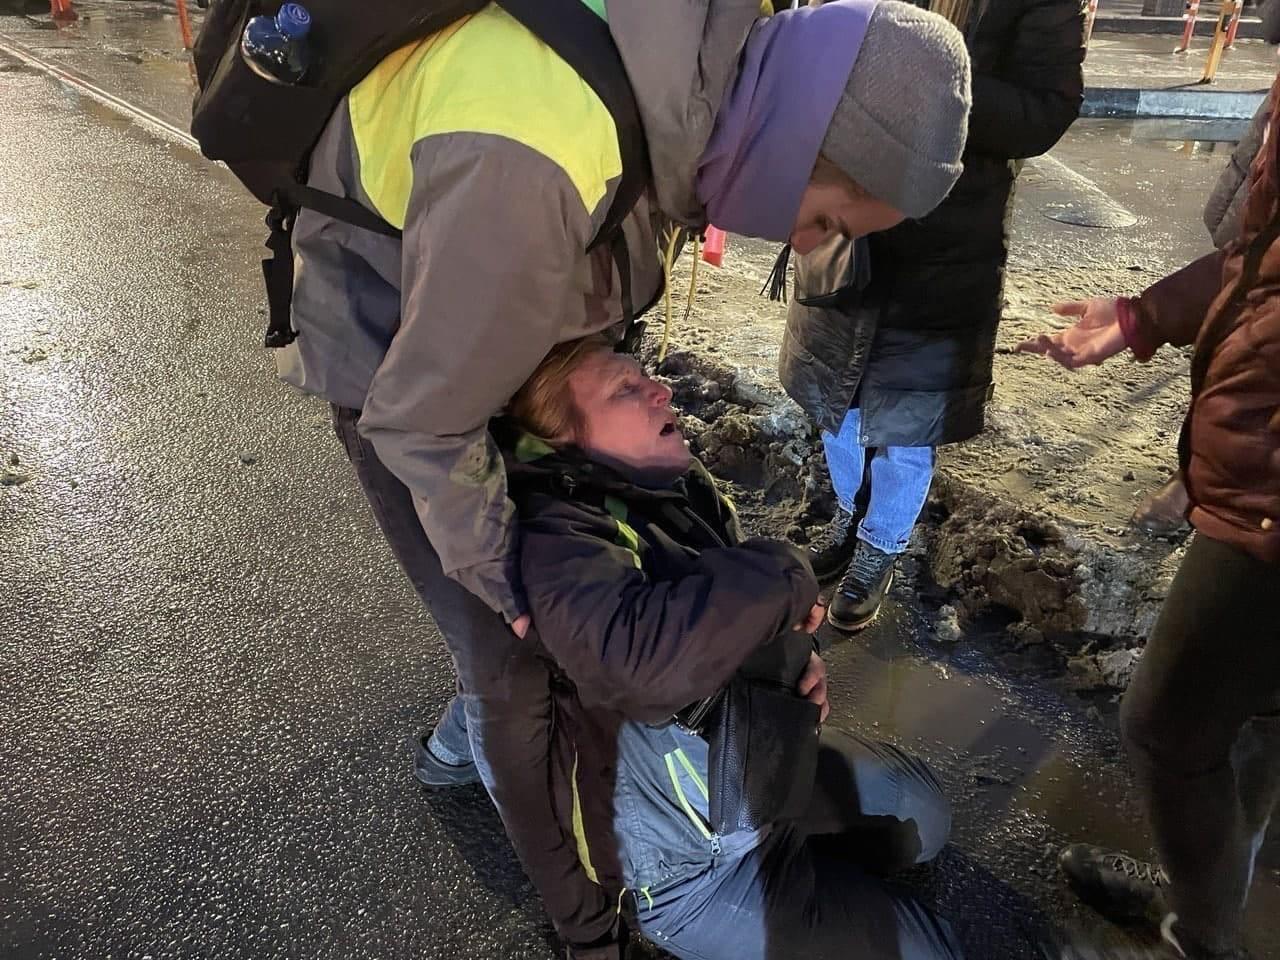 Полицейский, ударивший в живот Маргариту Юдину в Петербурге, пришёл к ней в больничную палату с цветами. питер,полиция,протесты,россияне